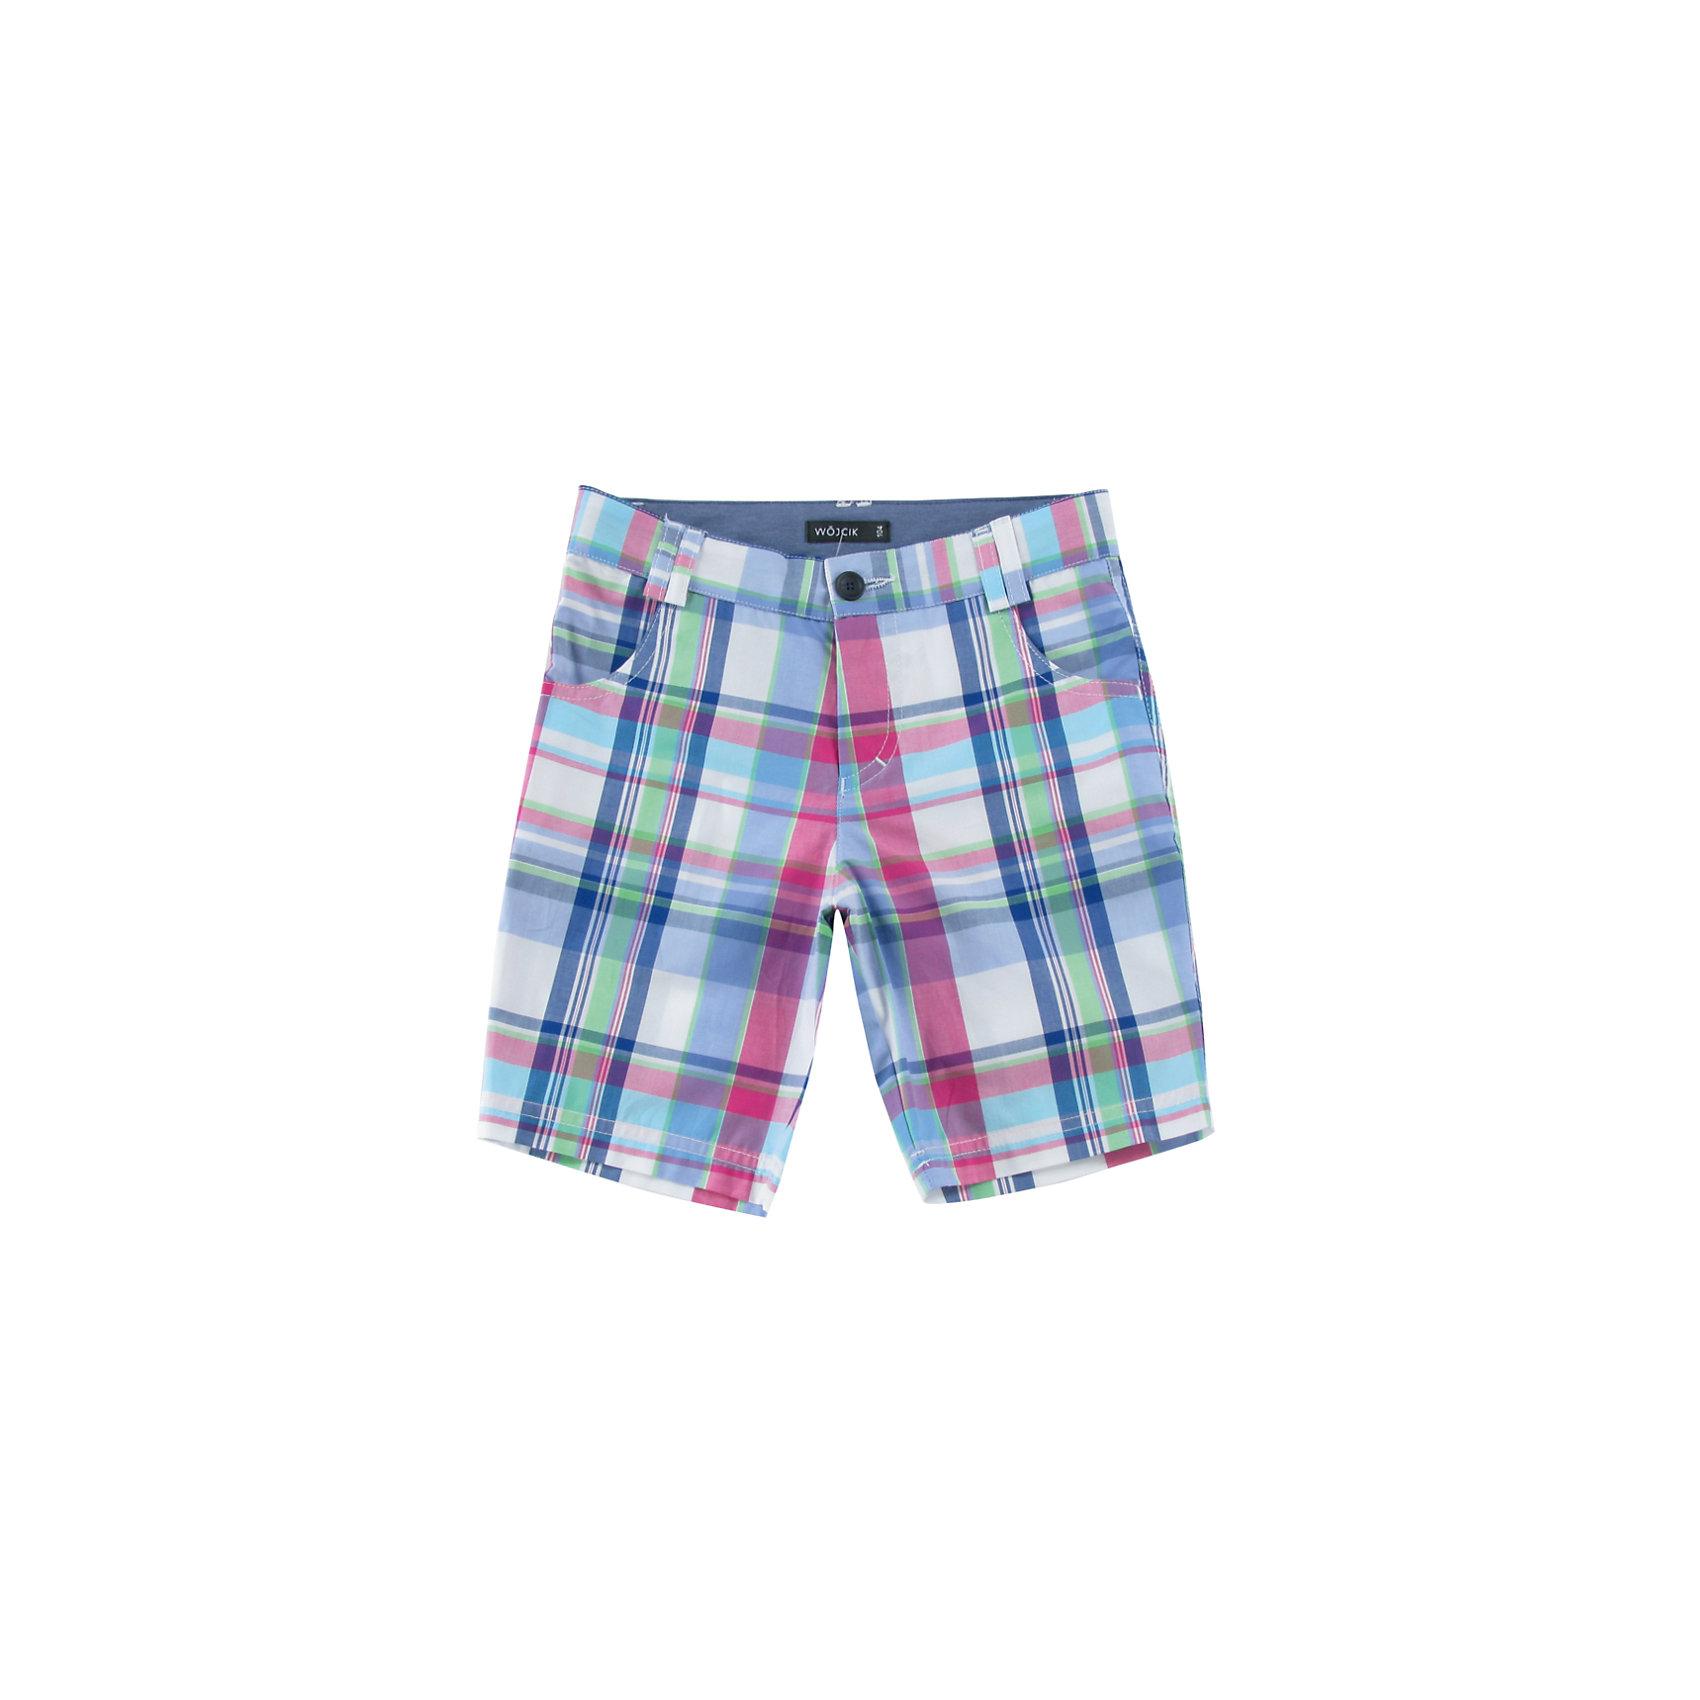 Шорты для мальчика WojcikШорты, бриджи, капри<br>Характеристики товара:<br><br>• цвет: голубой<br>• состав ткани: хлопок 100%<br>• шлевки для ремня<br>• сезон: лето<br>• карманы<br>• страна бренда: Польша<br>• страна изготовитель: Польша<br><br>Легкие летние шорты для мальчика Войчик отличаются модным кроем и актуальным в этом сезоне цветом. Яркие шорты для мальчика Wojcik - удобная и модная одежда для теплого времени года. <br><br>Эта модель одежды для детей сделана из качественного материала - дышащего натурального хлопка. Польская одежда для детей от бренда Войчик - это качественные и стильные вещи.<br><br>Шорты для мальчика Wojcik (Войчик) можно купить в нашем интернет-магазине.<br><br>Ширина мм: 191<br>Глубина мм: 10<br>Высота мм: 175<br>Вес г: 273<br>Цвет: белый<br>Возраст от месяцев: 72<br>Возраст до месяцев: 84<br>Пол: Мужской<br>Возраст: Детский<br>Размер: 122<br>SKU: 5588836